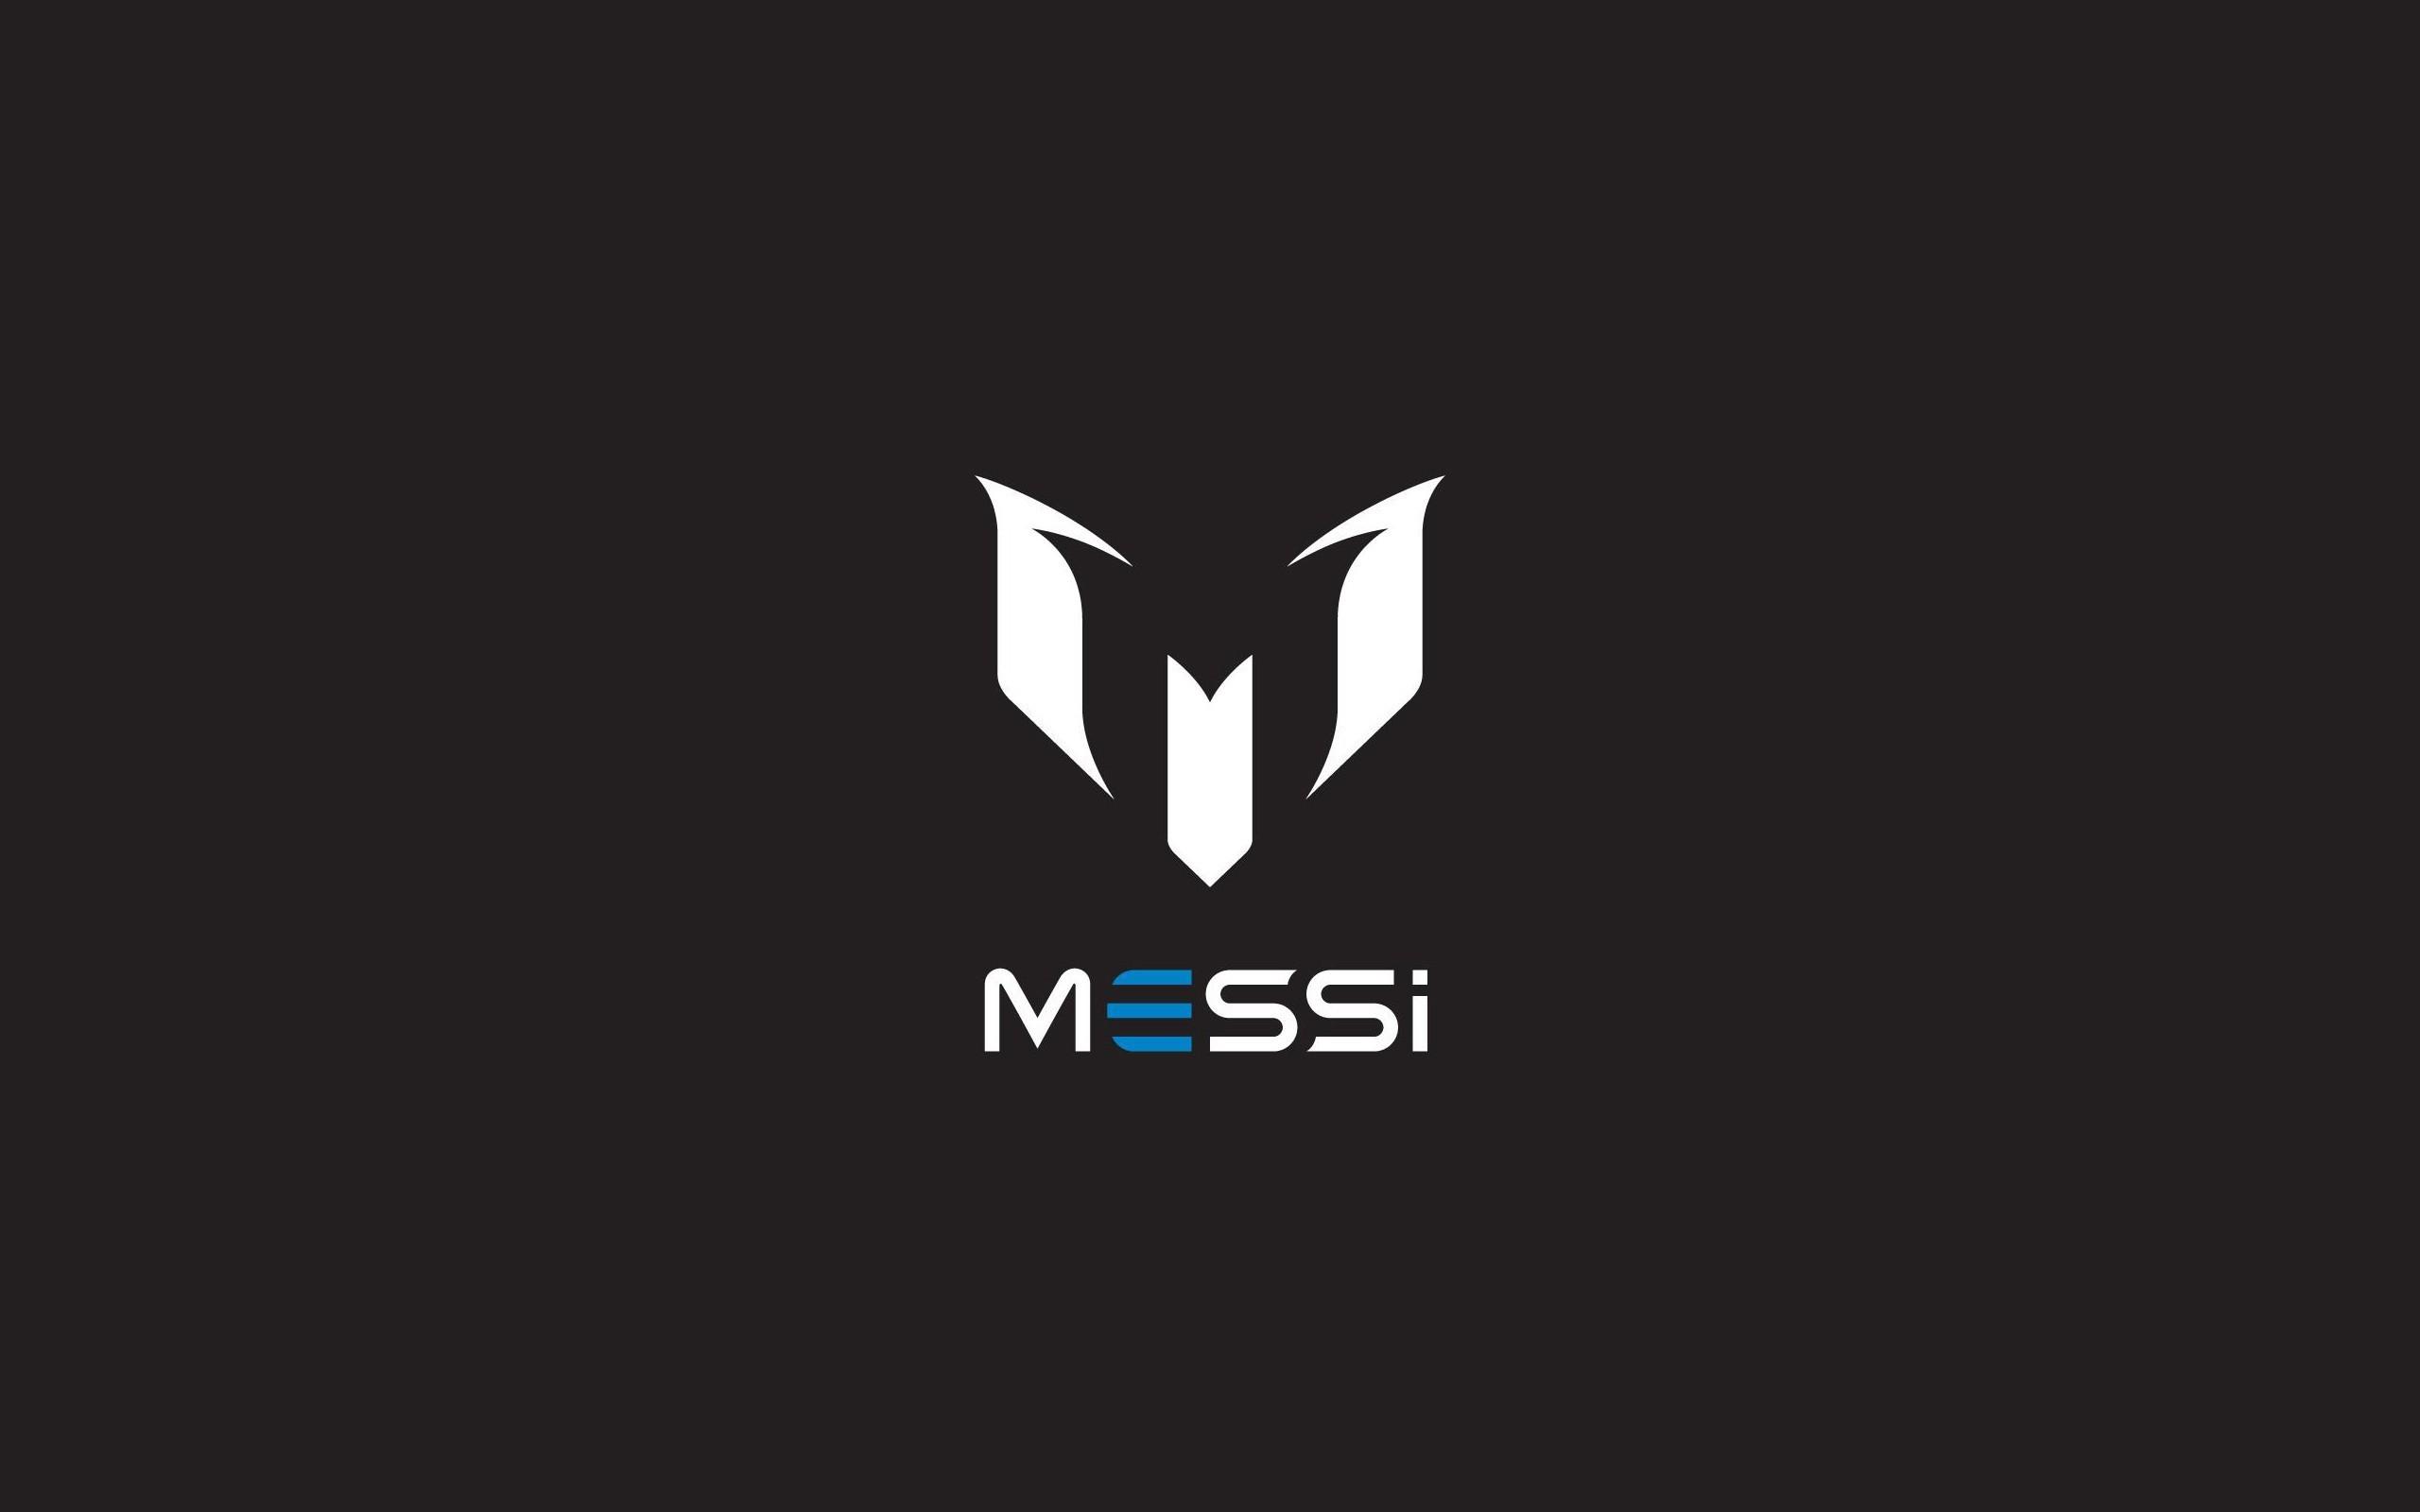 Messi logo Adidas wallpaper